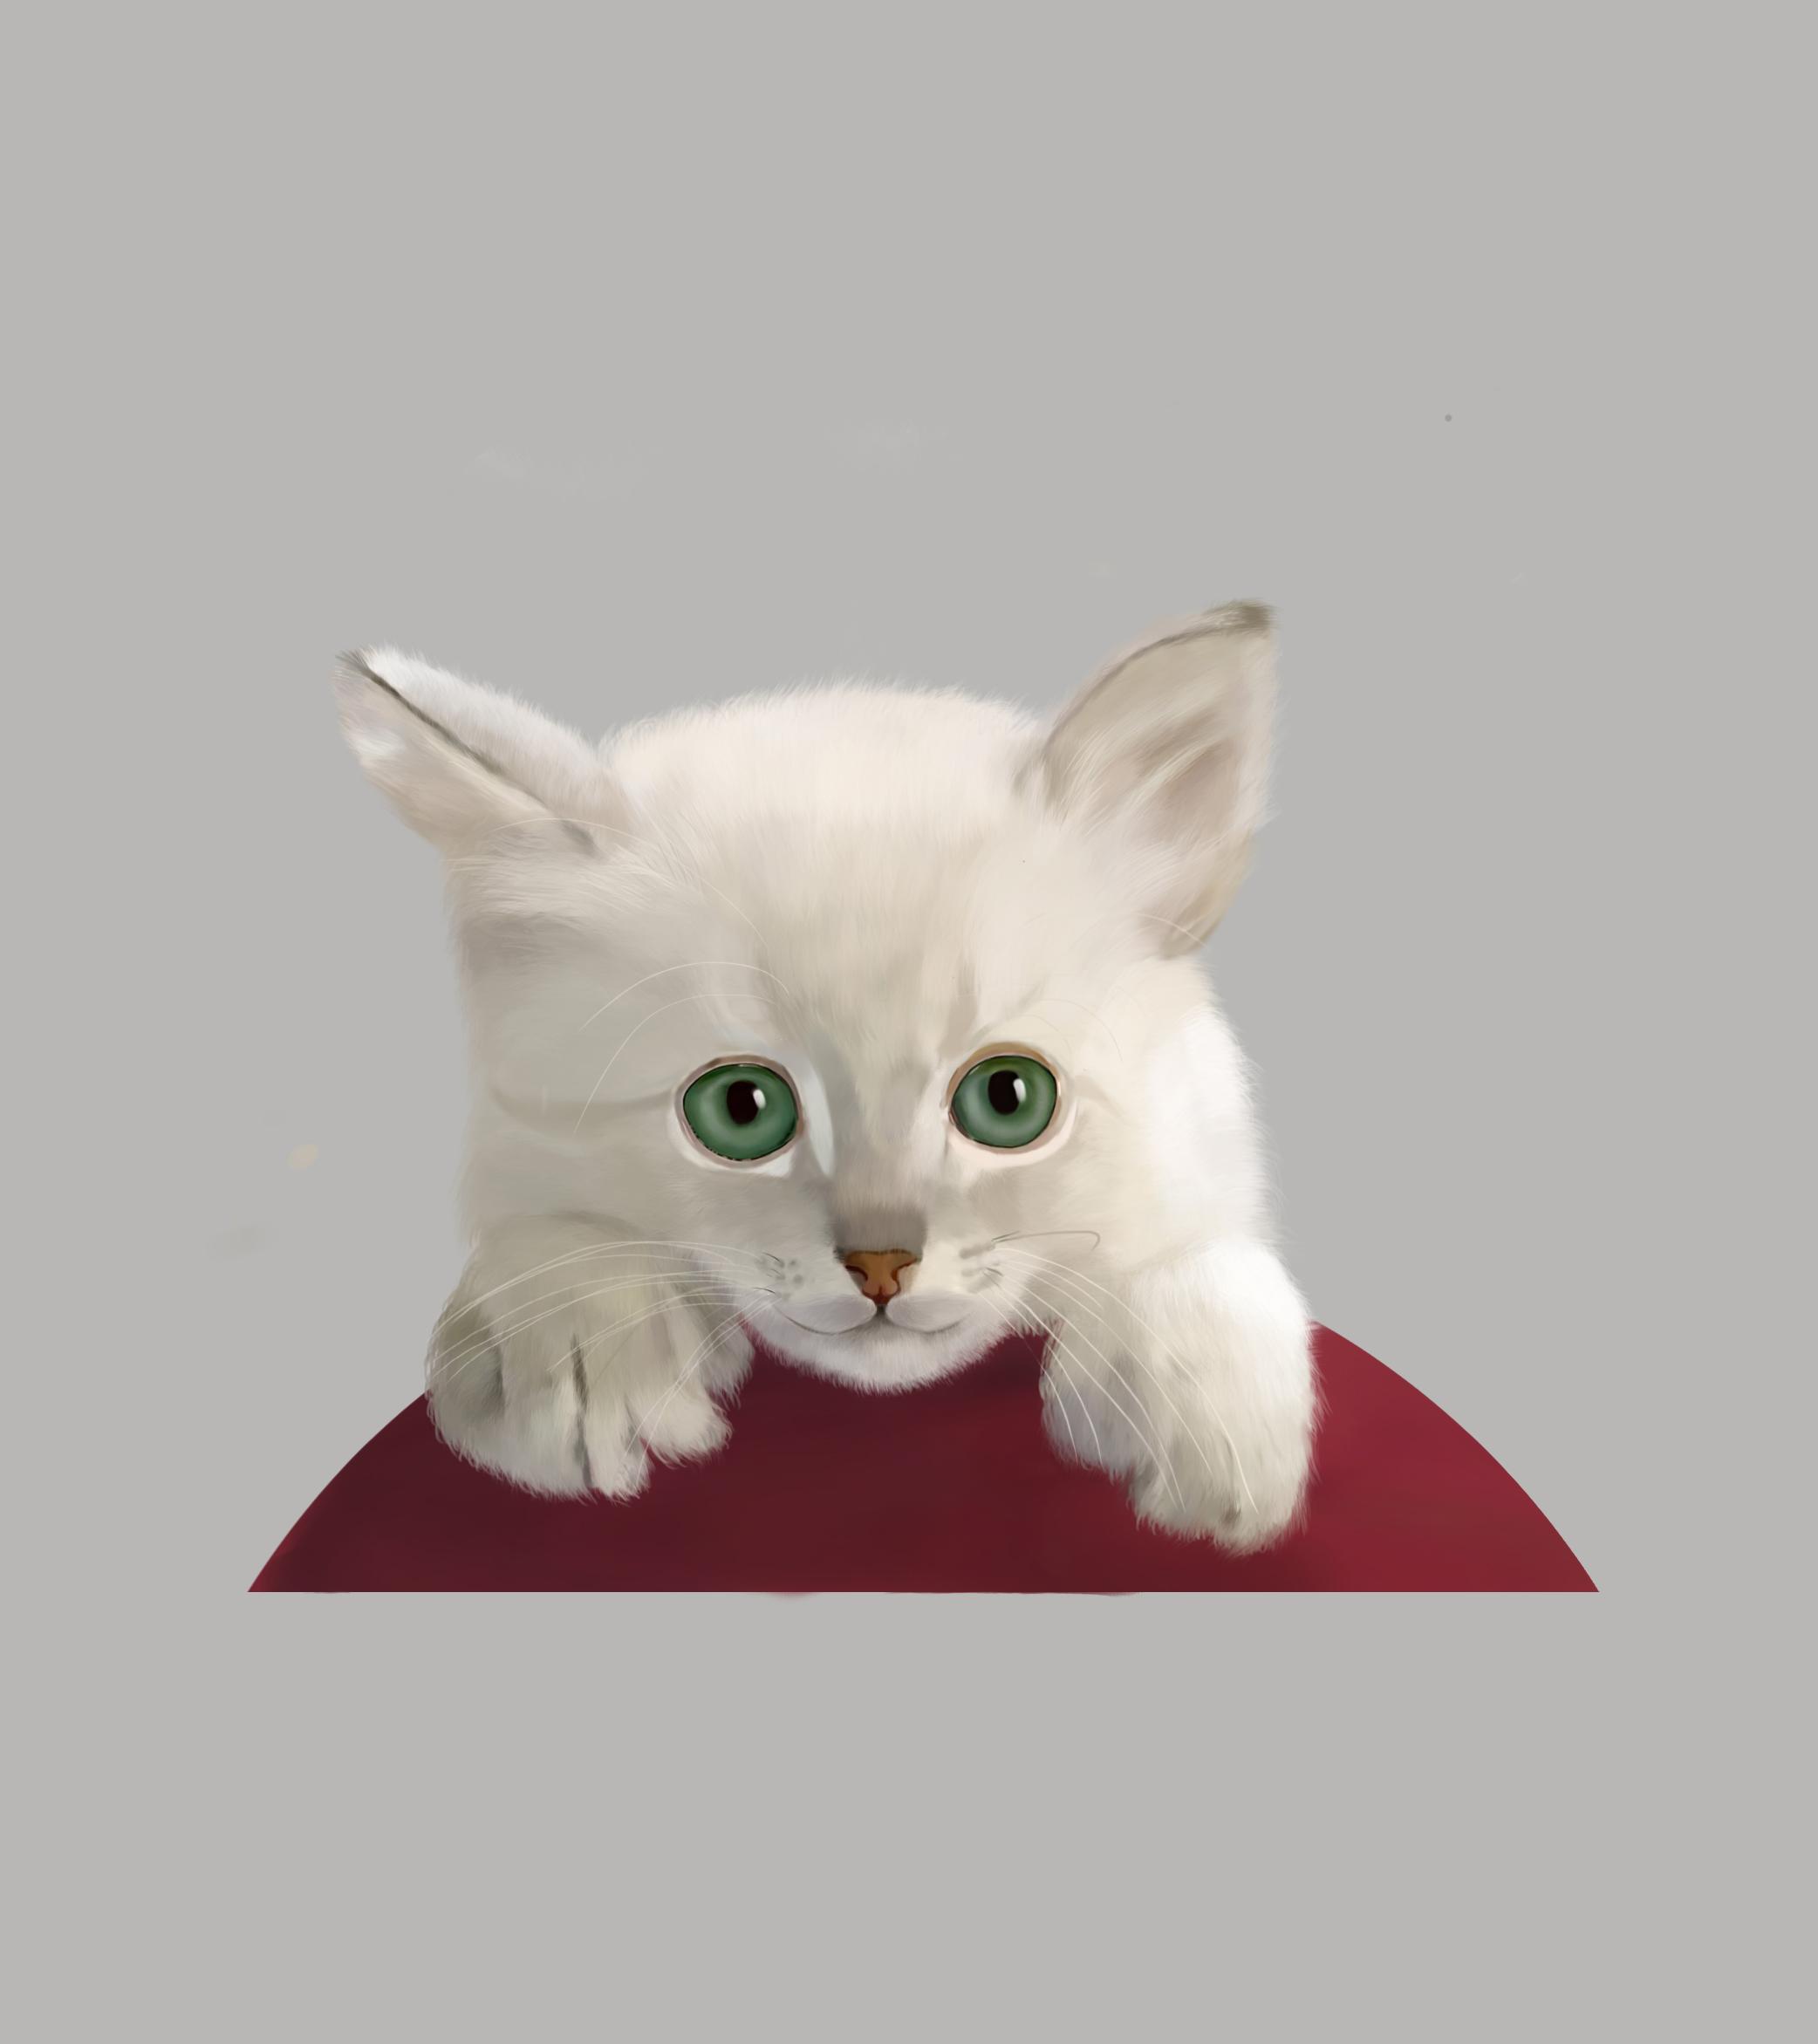 壁纸 动物 狗 狗狗 猫 猫咪 小猫 桌面 2084_2343